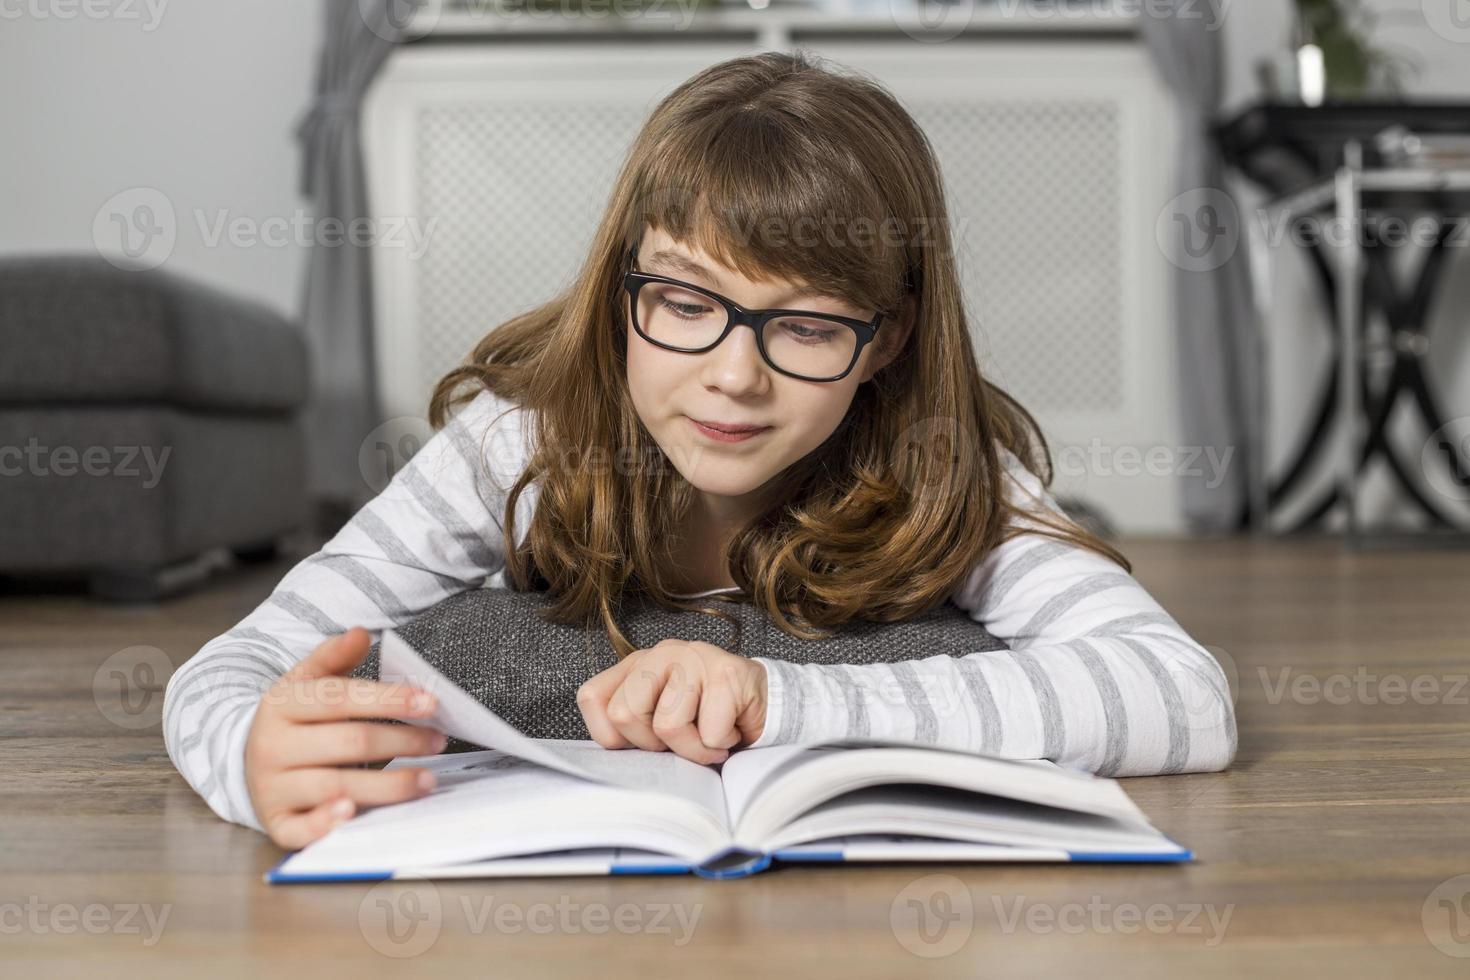 libro di lettura dell'adolescente mentre trovandosi sul pavimento a casa foto